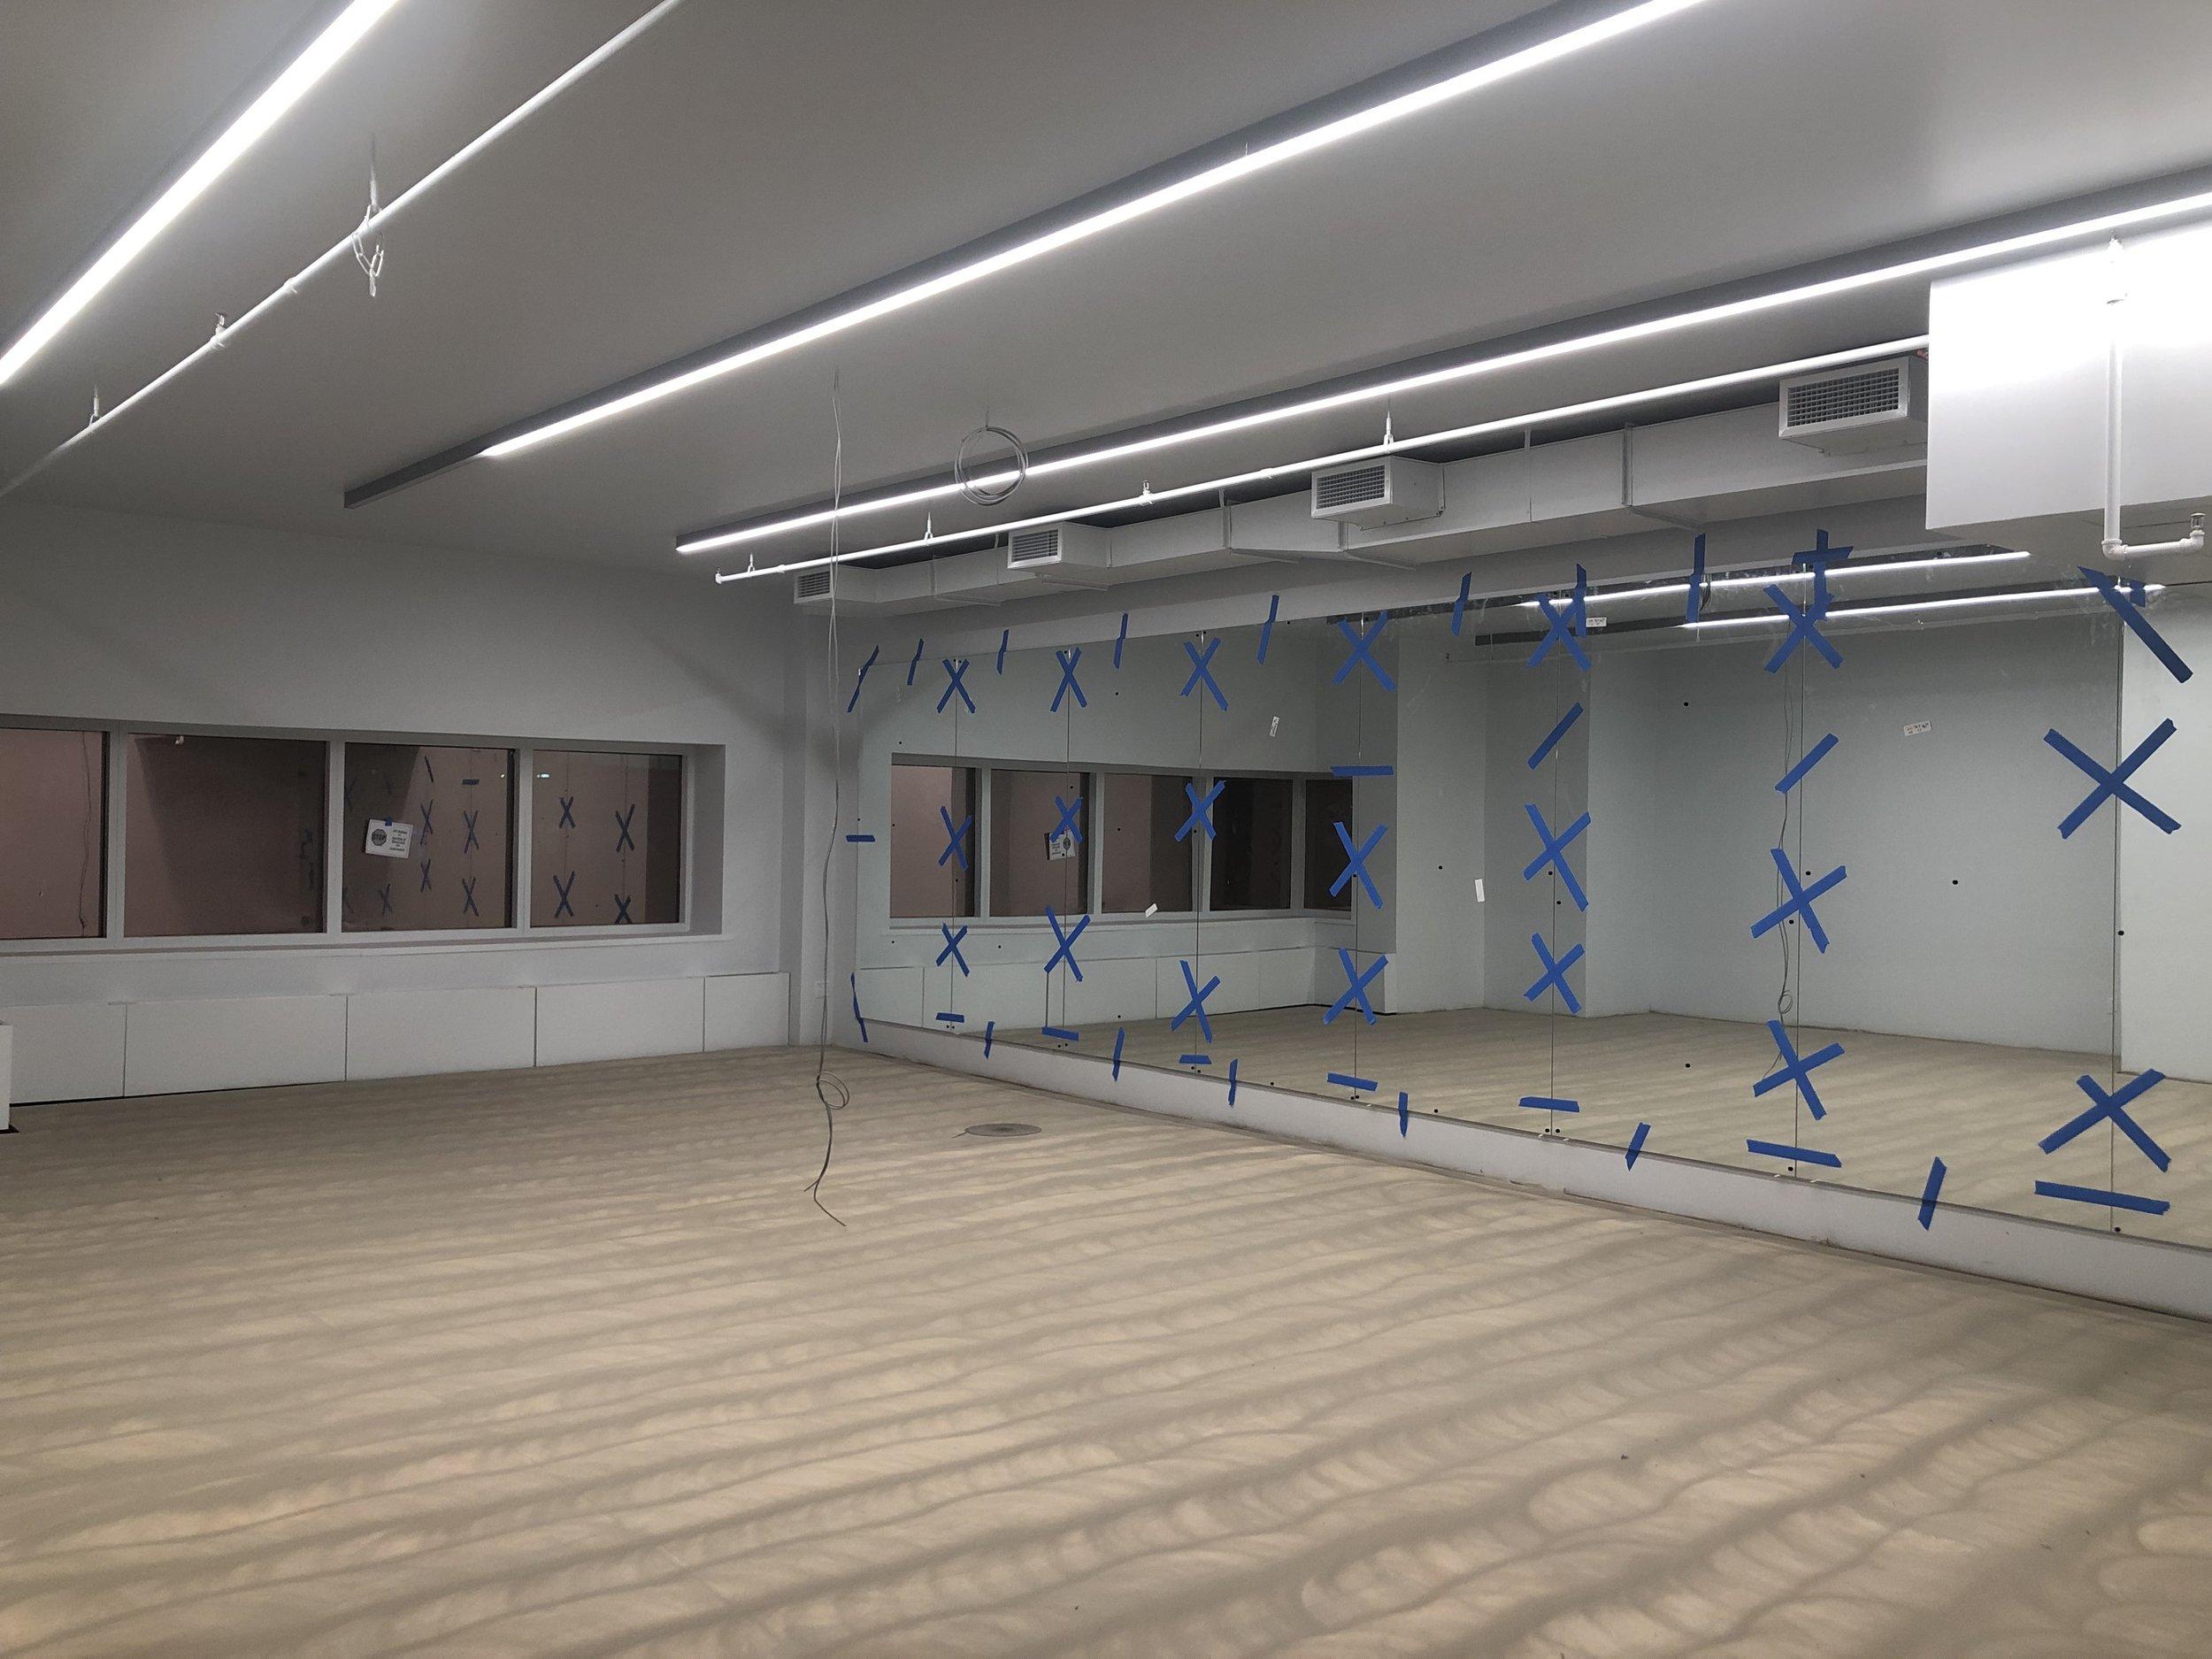 11L sprung floor